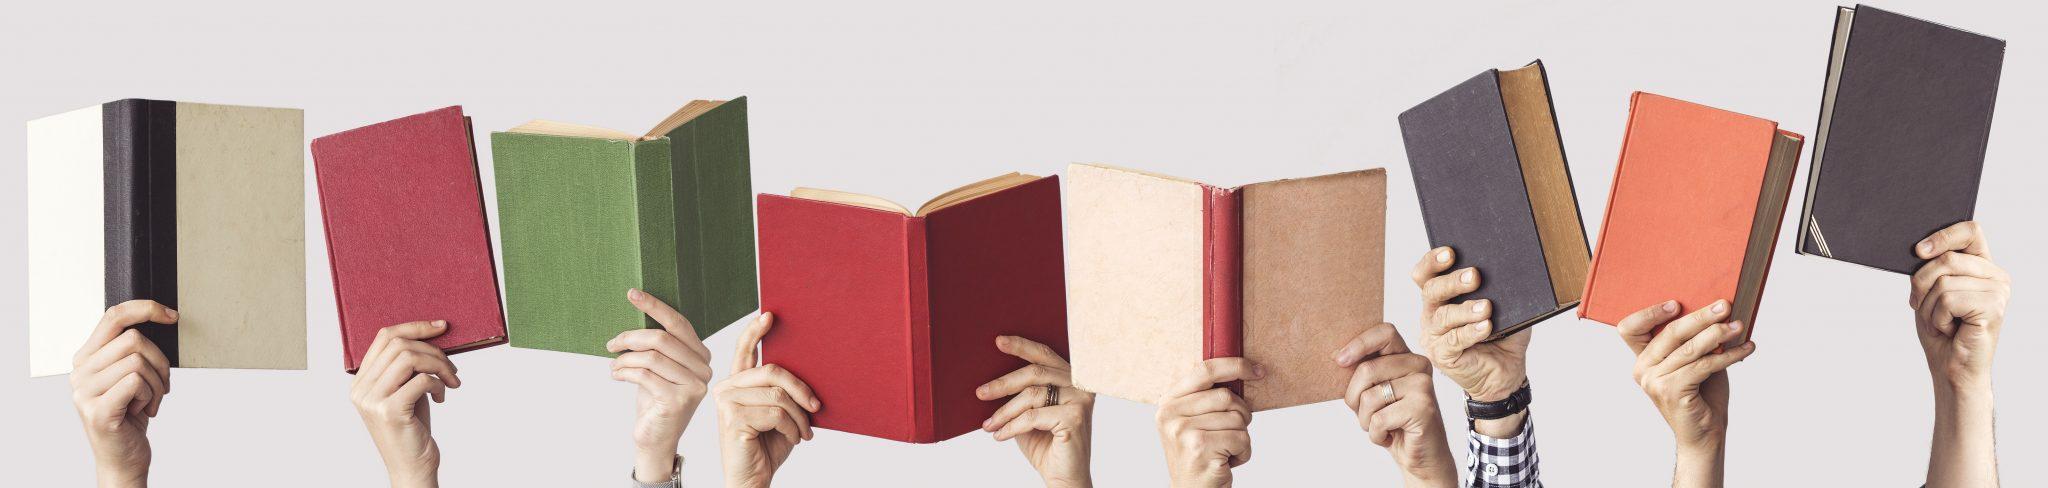 Mehrere Personen halten bunte Bücher hoch